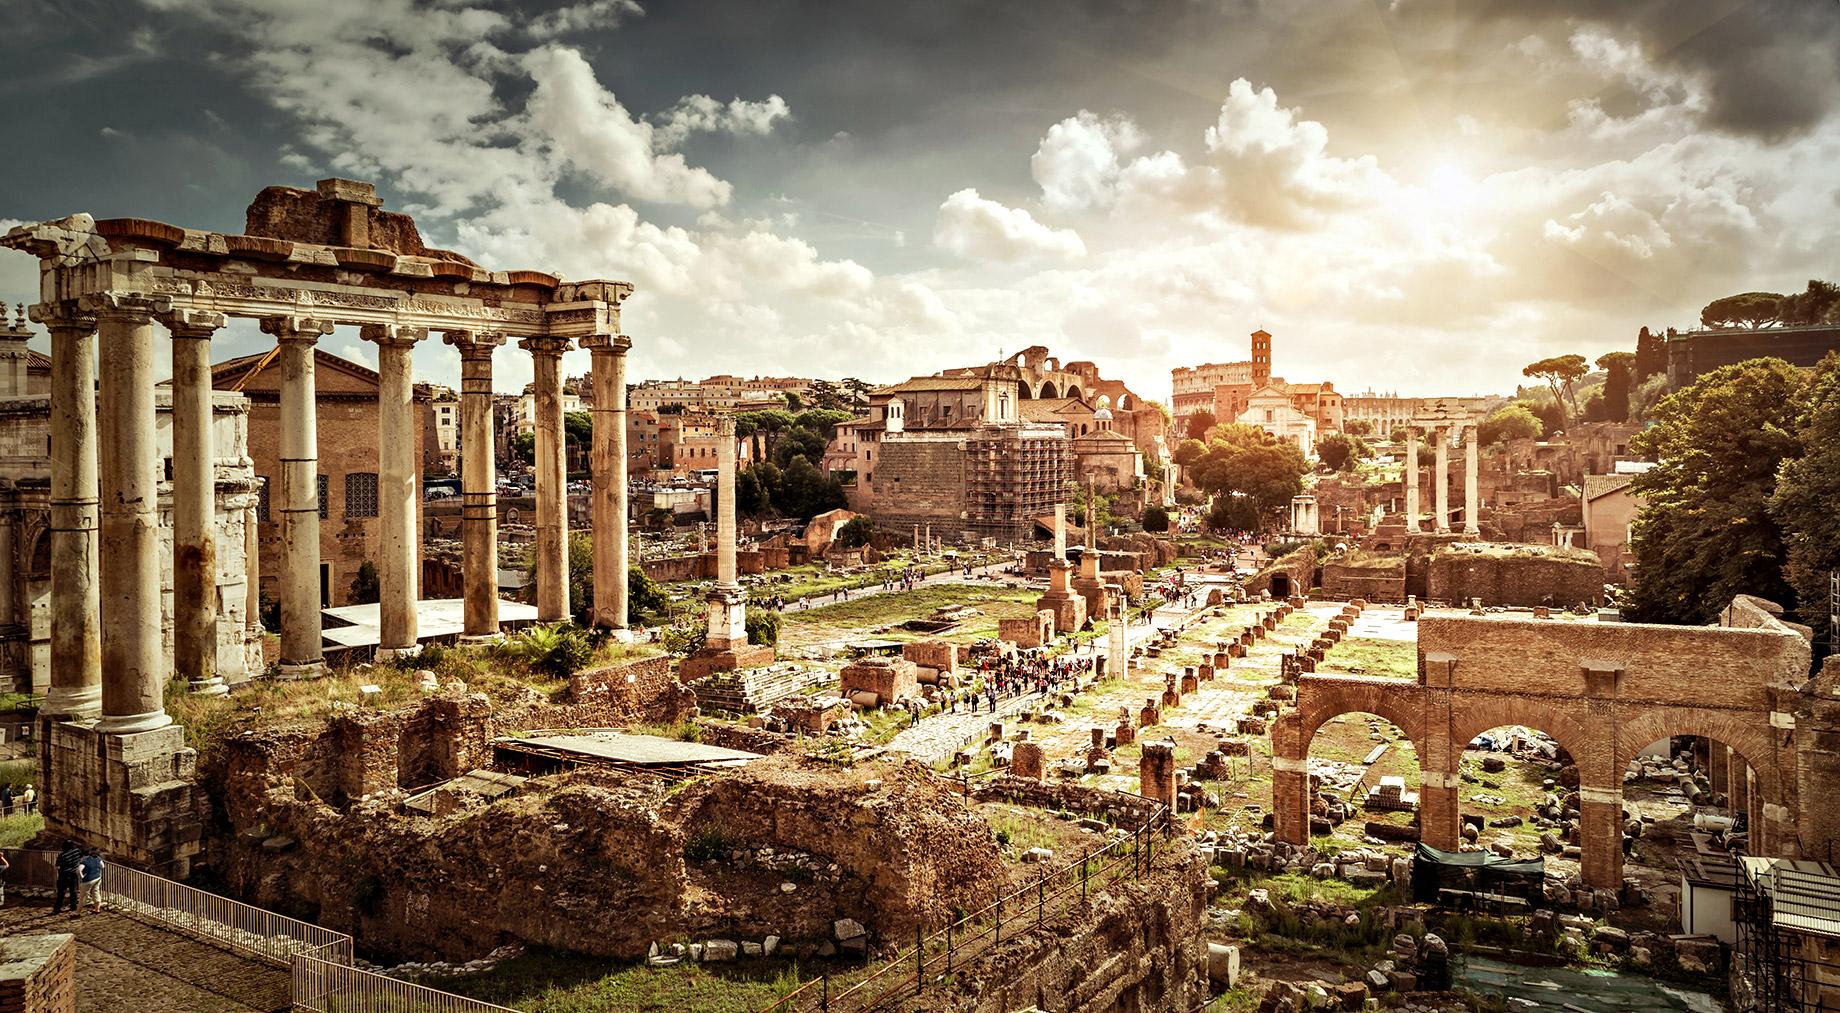 Forum romain - Rome, Italie - Top 10 des destinations de voyage de luxe dans le monde